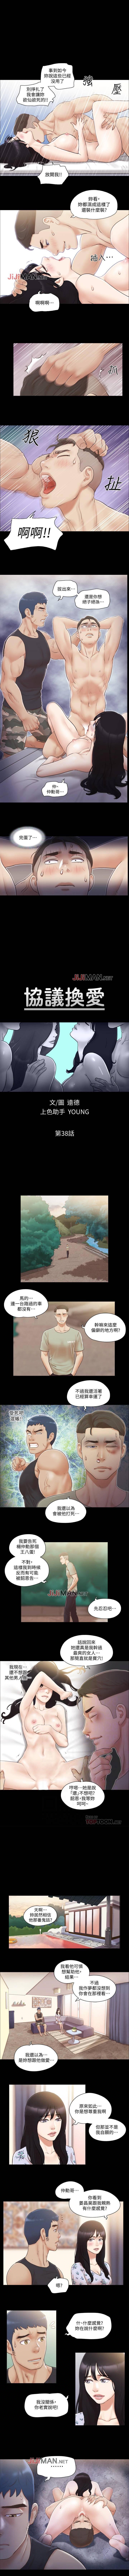 【周五连载】协议换爱(作者:遠德) 第1~62话 158